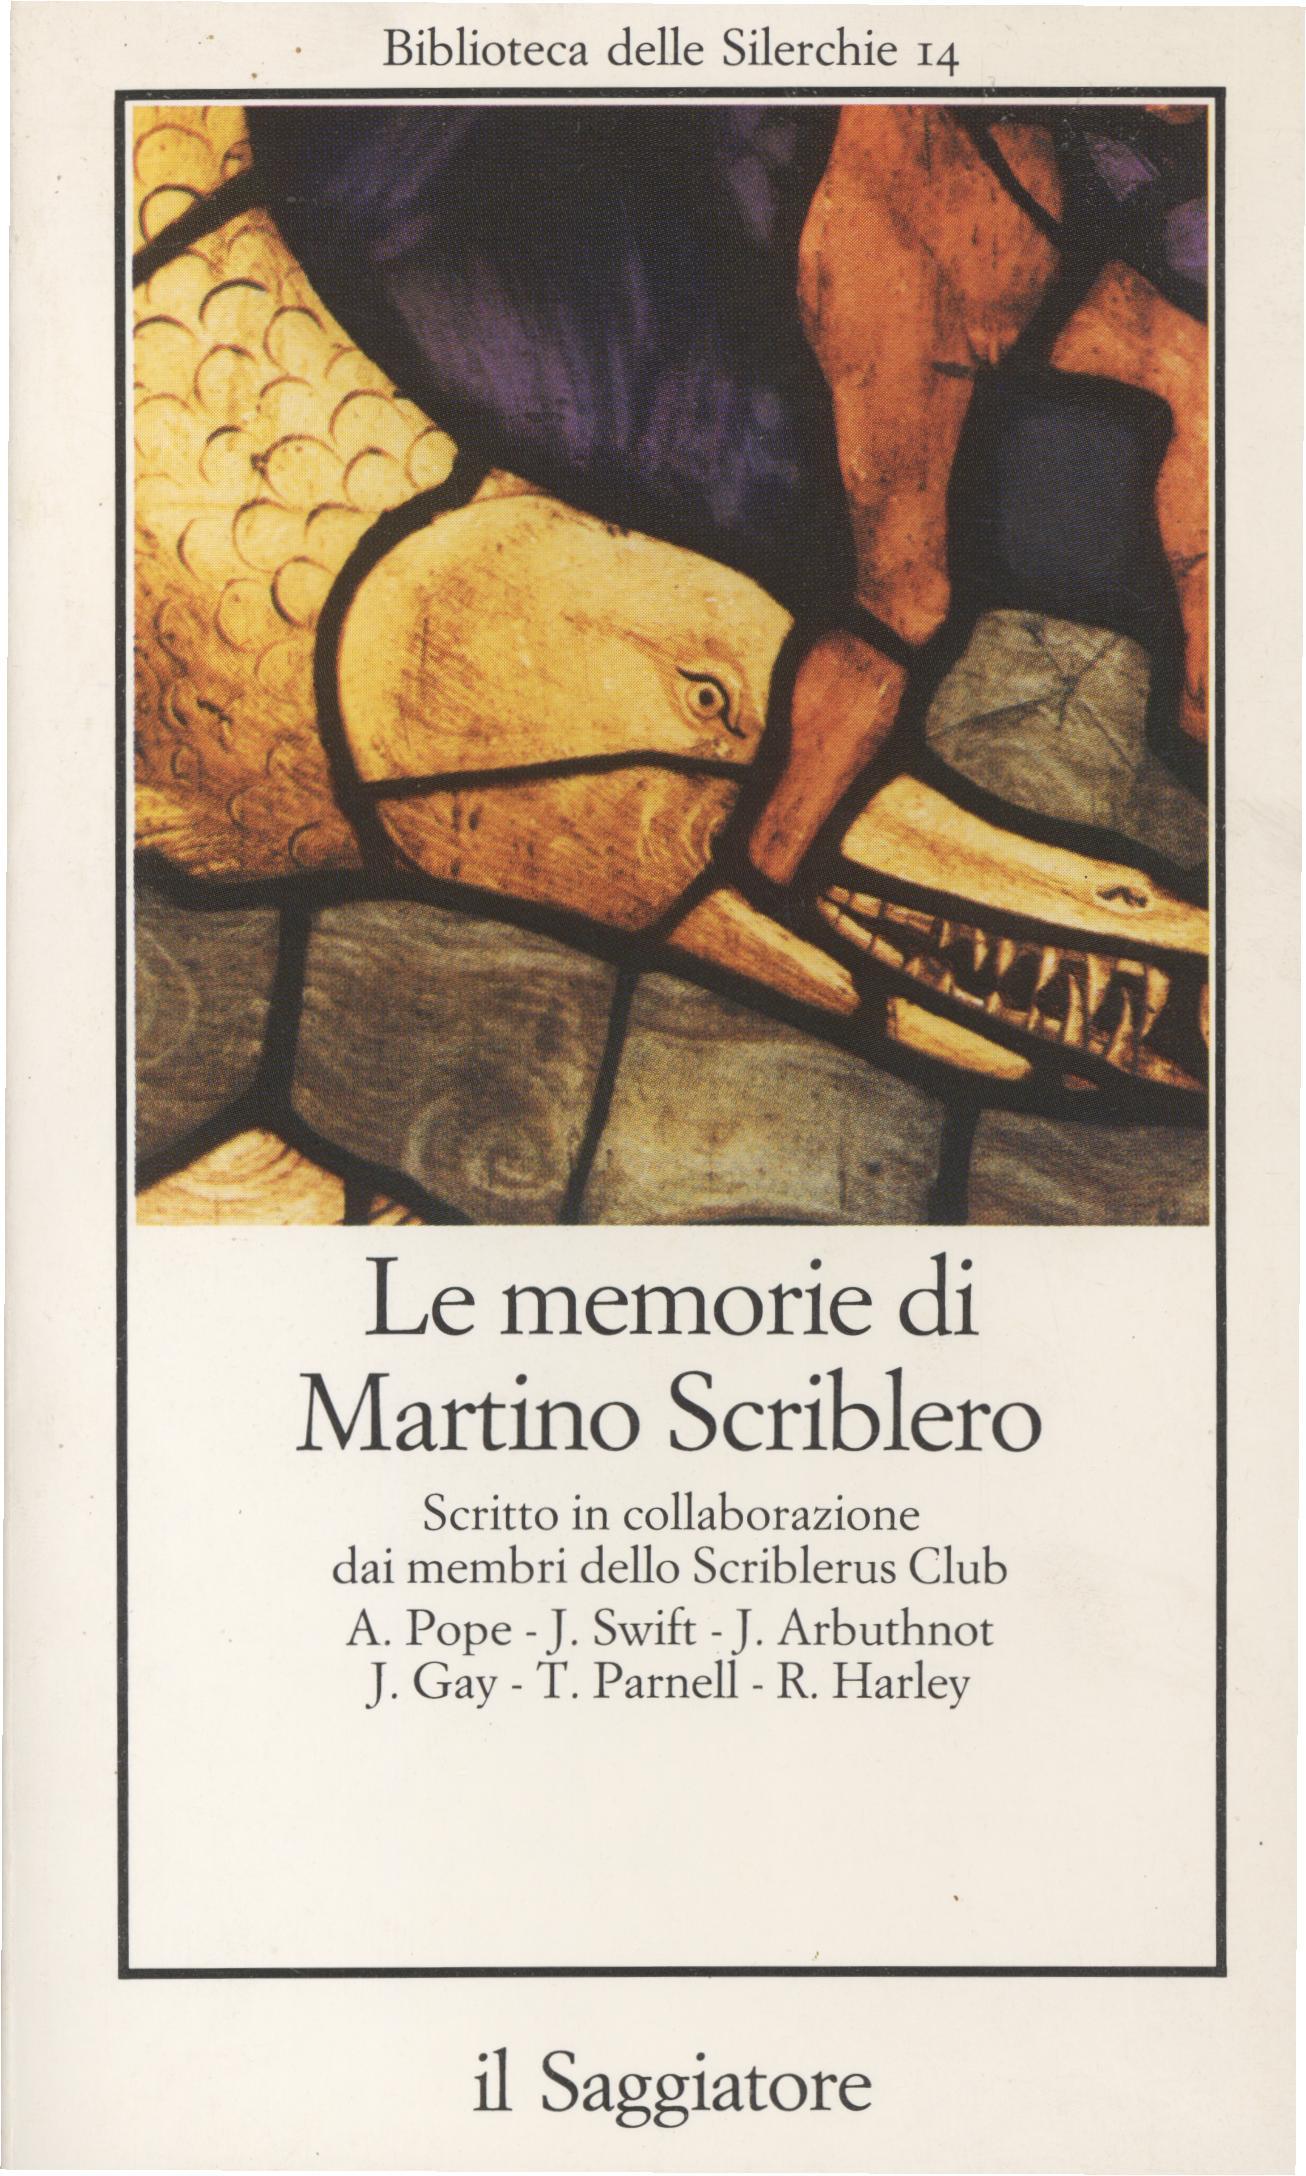 Le memorie di Martino Scriblero